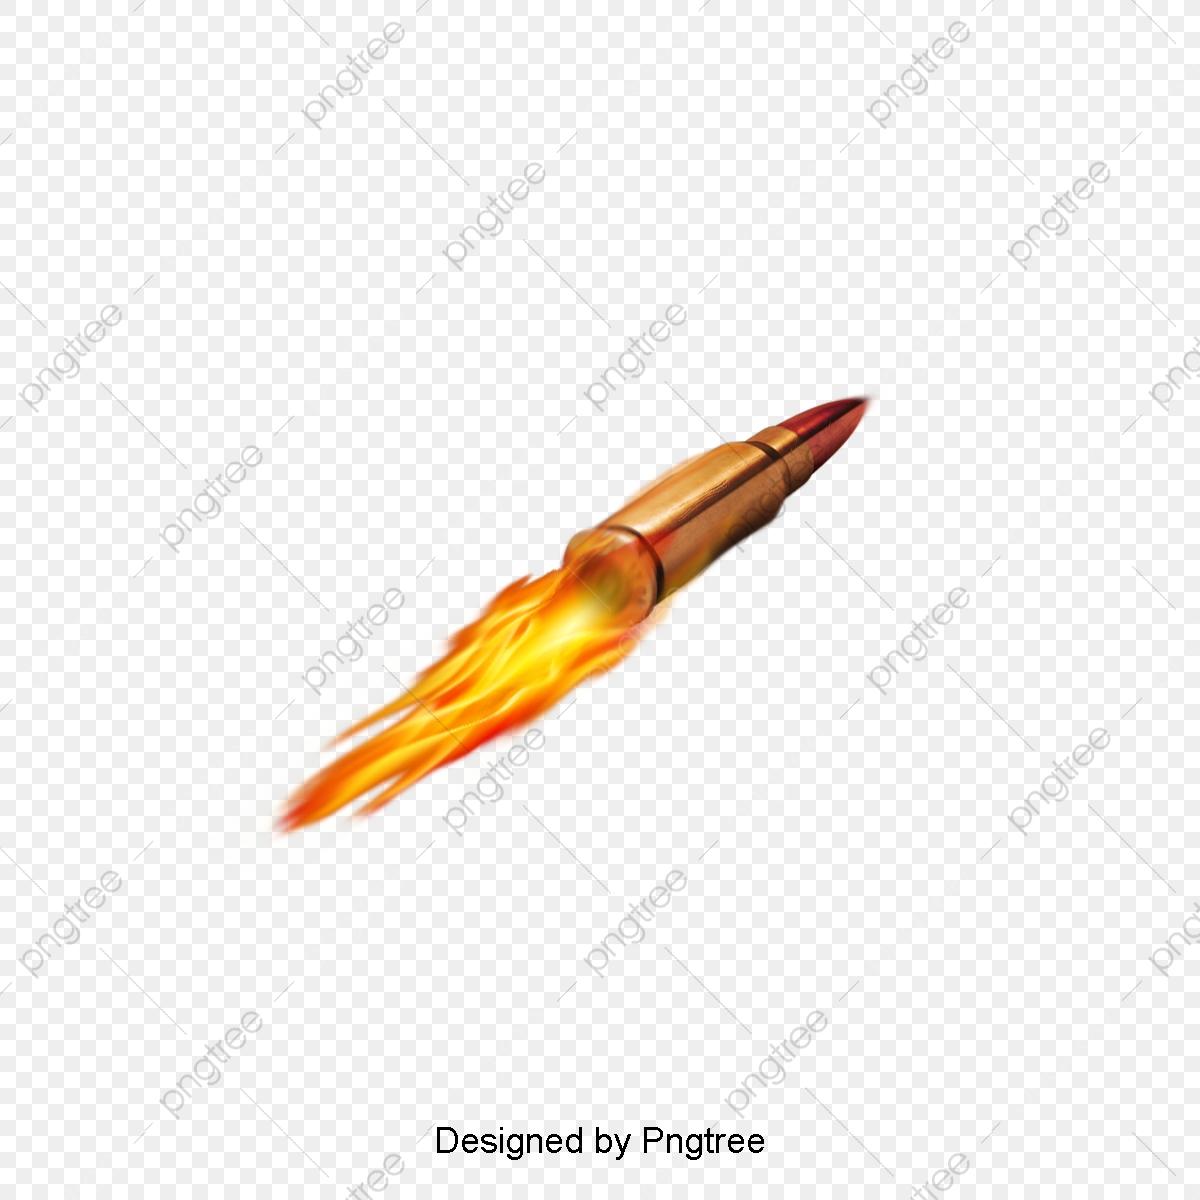 Fire gunpowder yellow png. Bullet clipart file